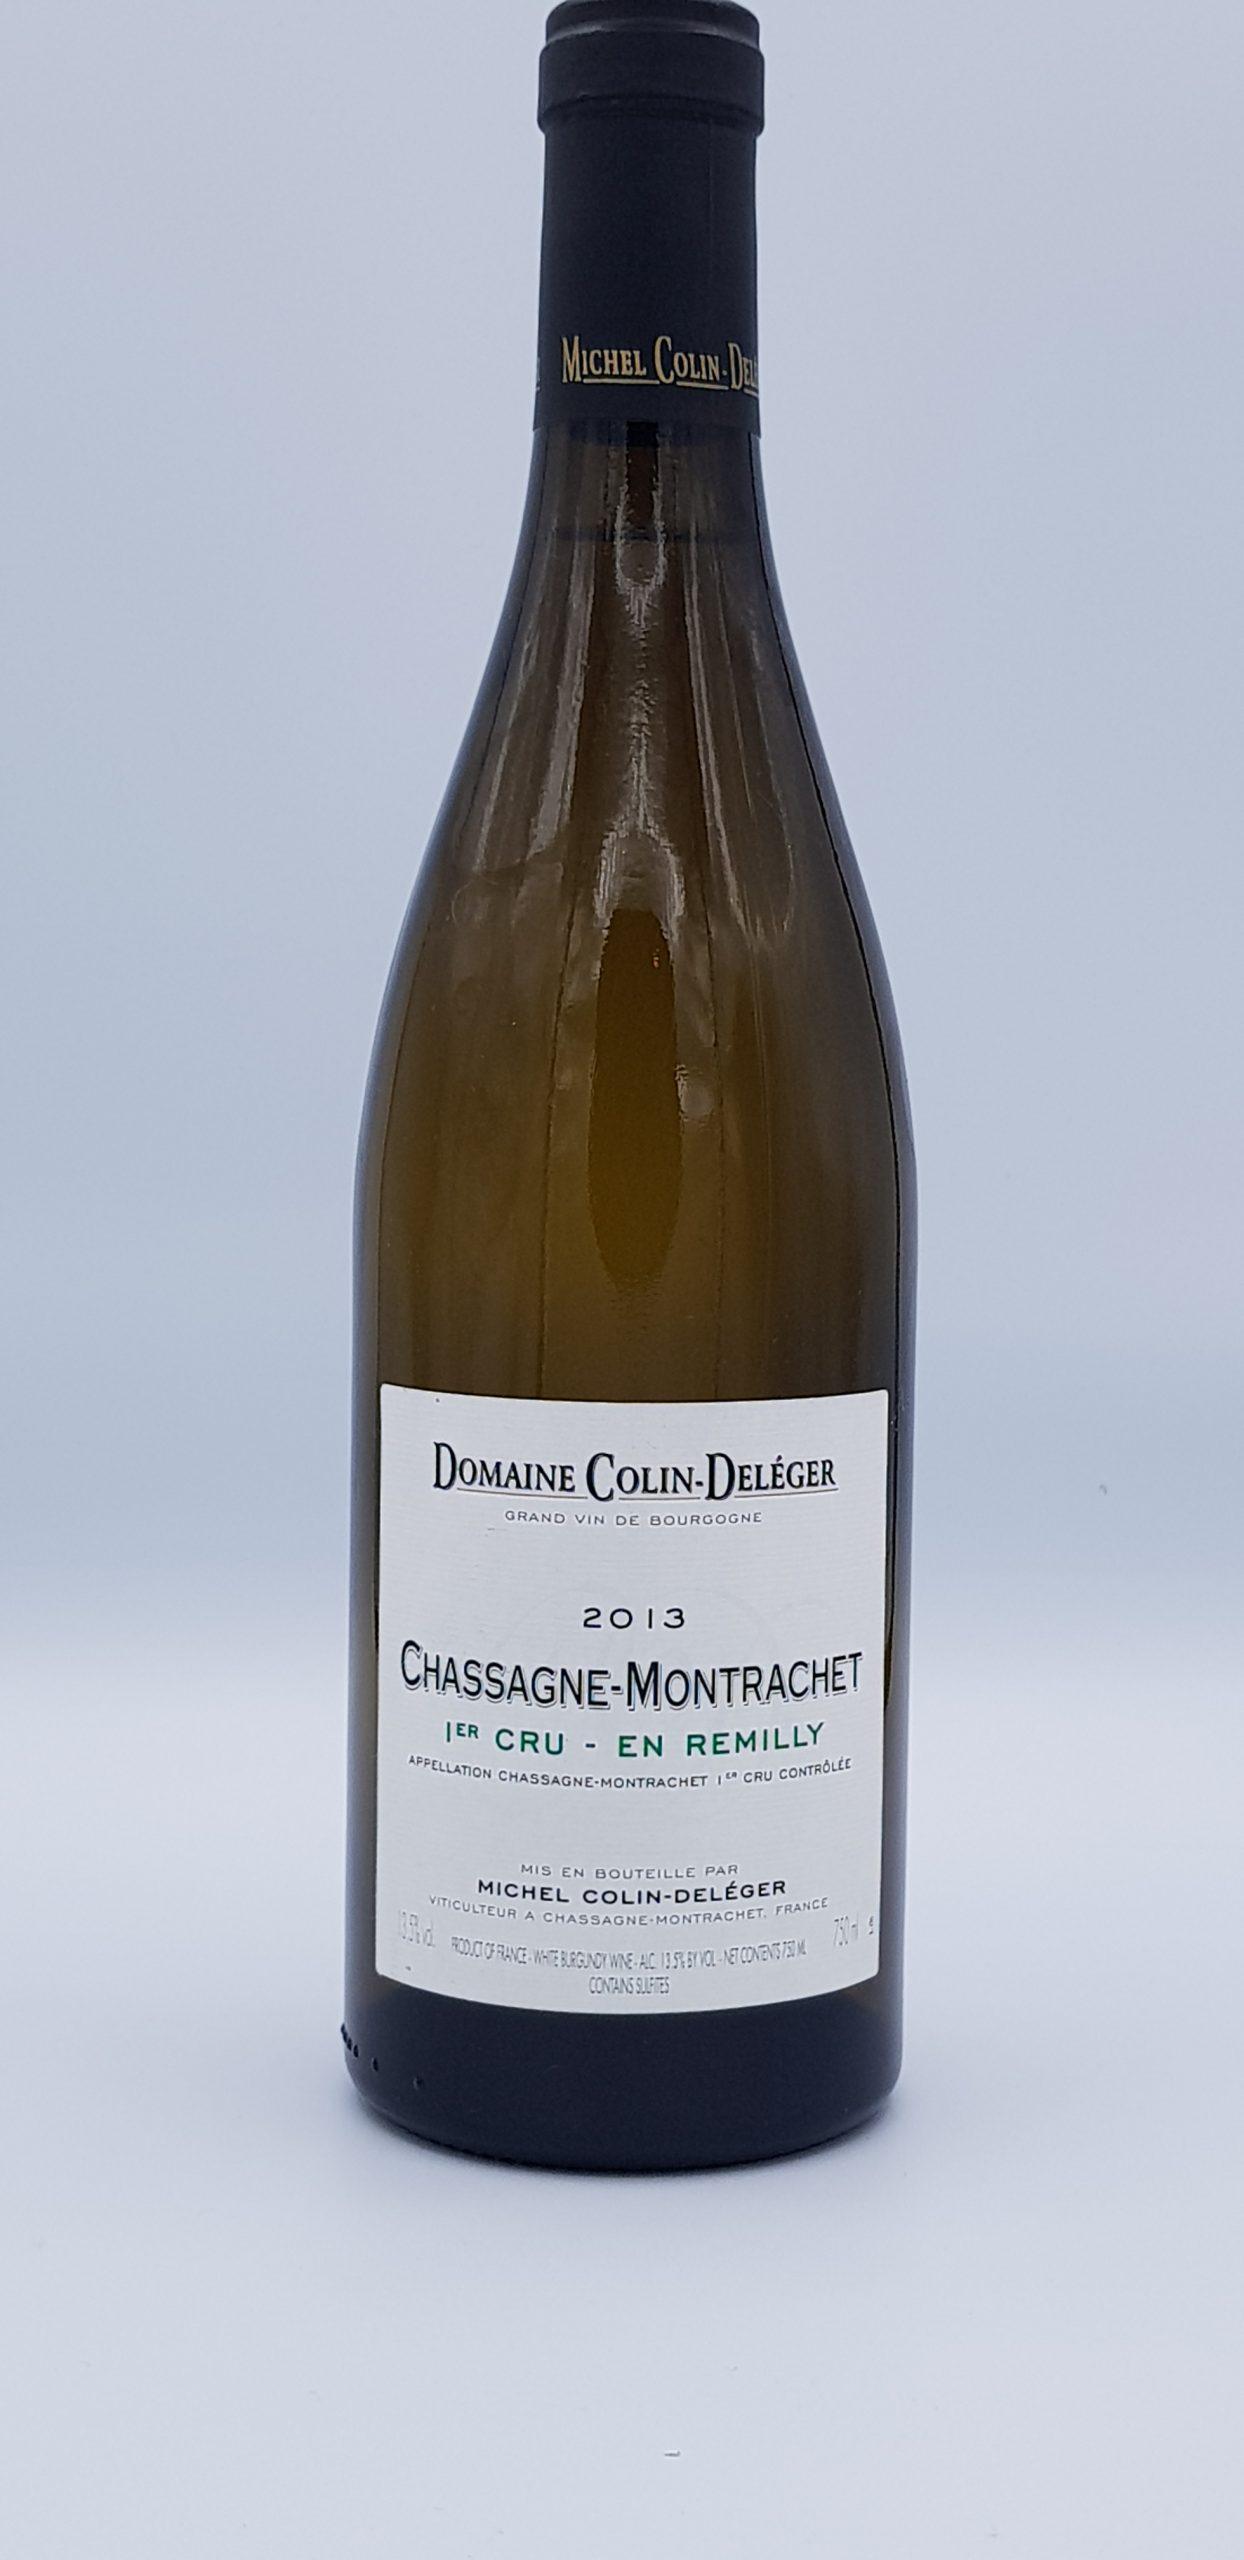 Bourgogne Chassagne 1Er Cru Remilly 2013 Dom Colin Deleger